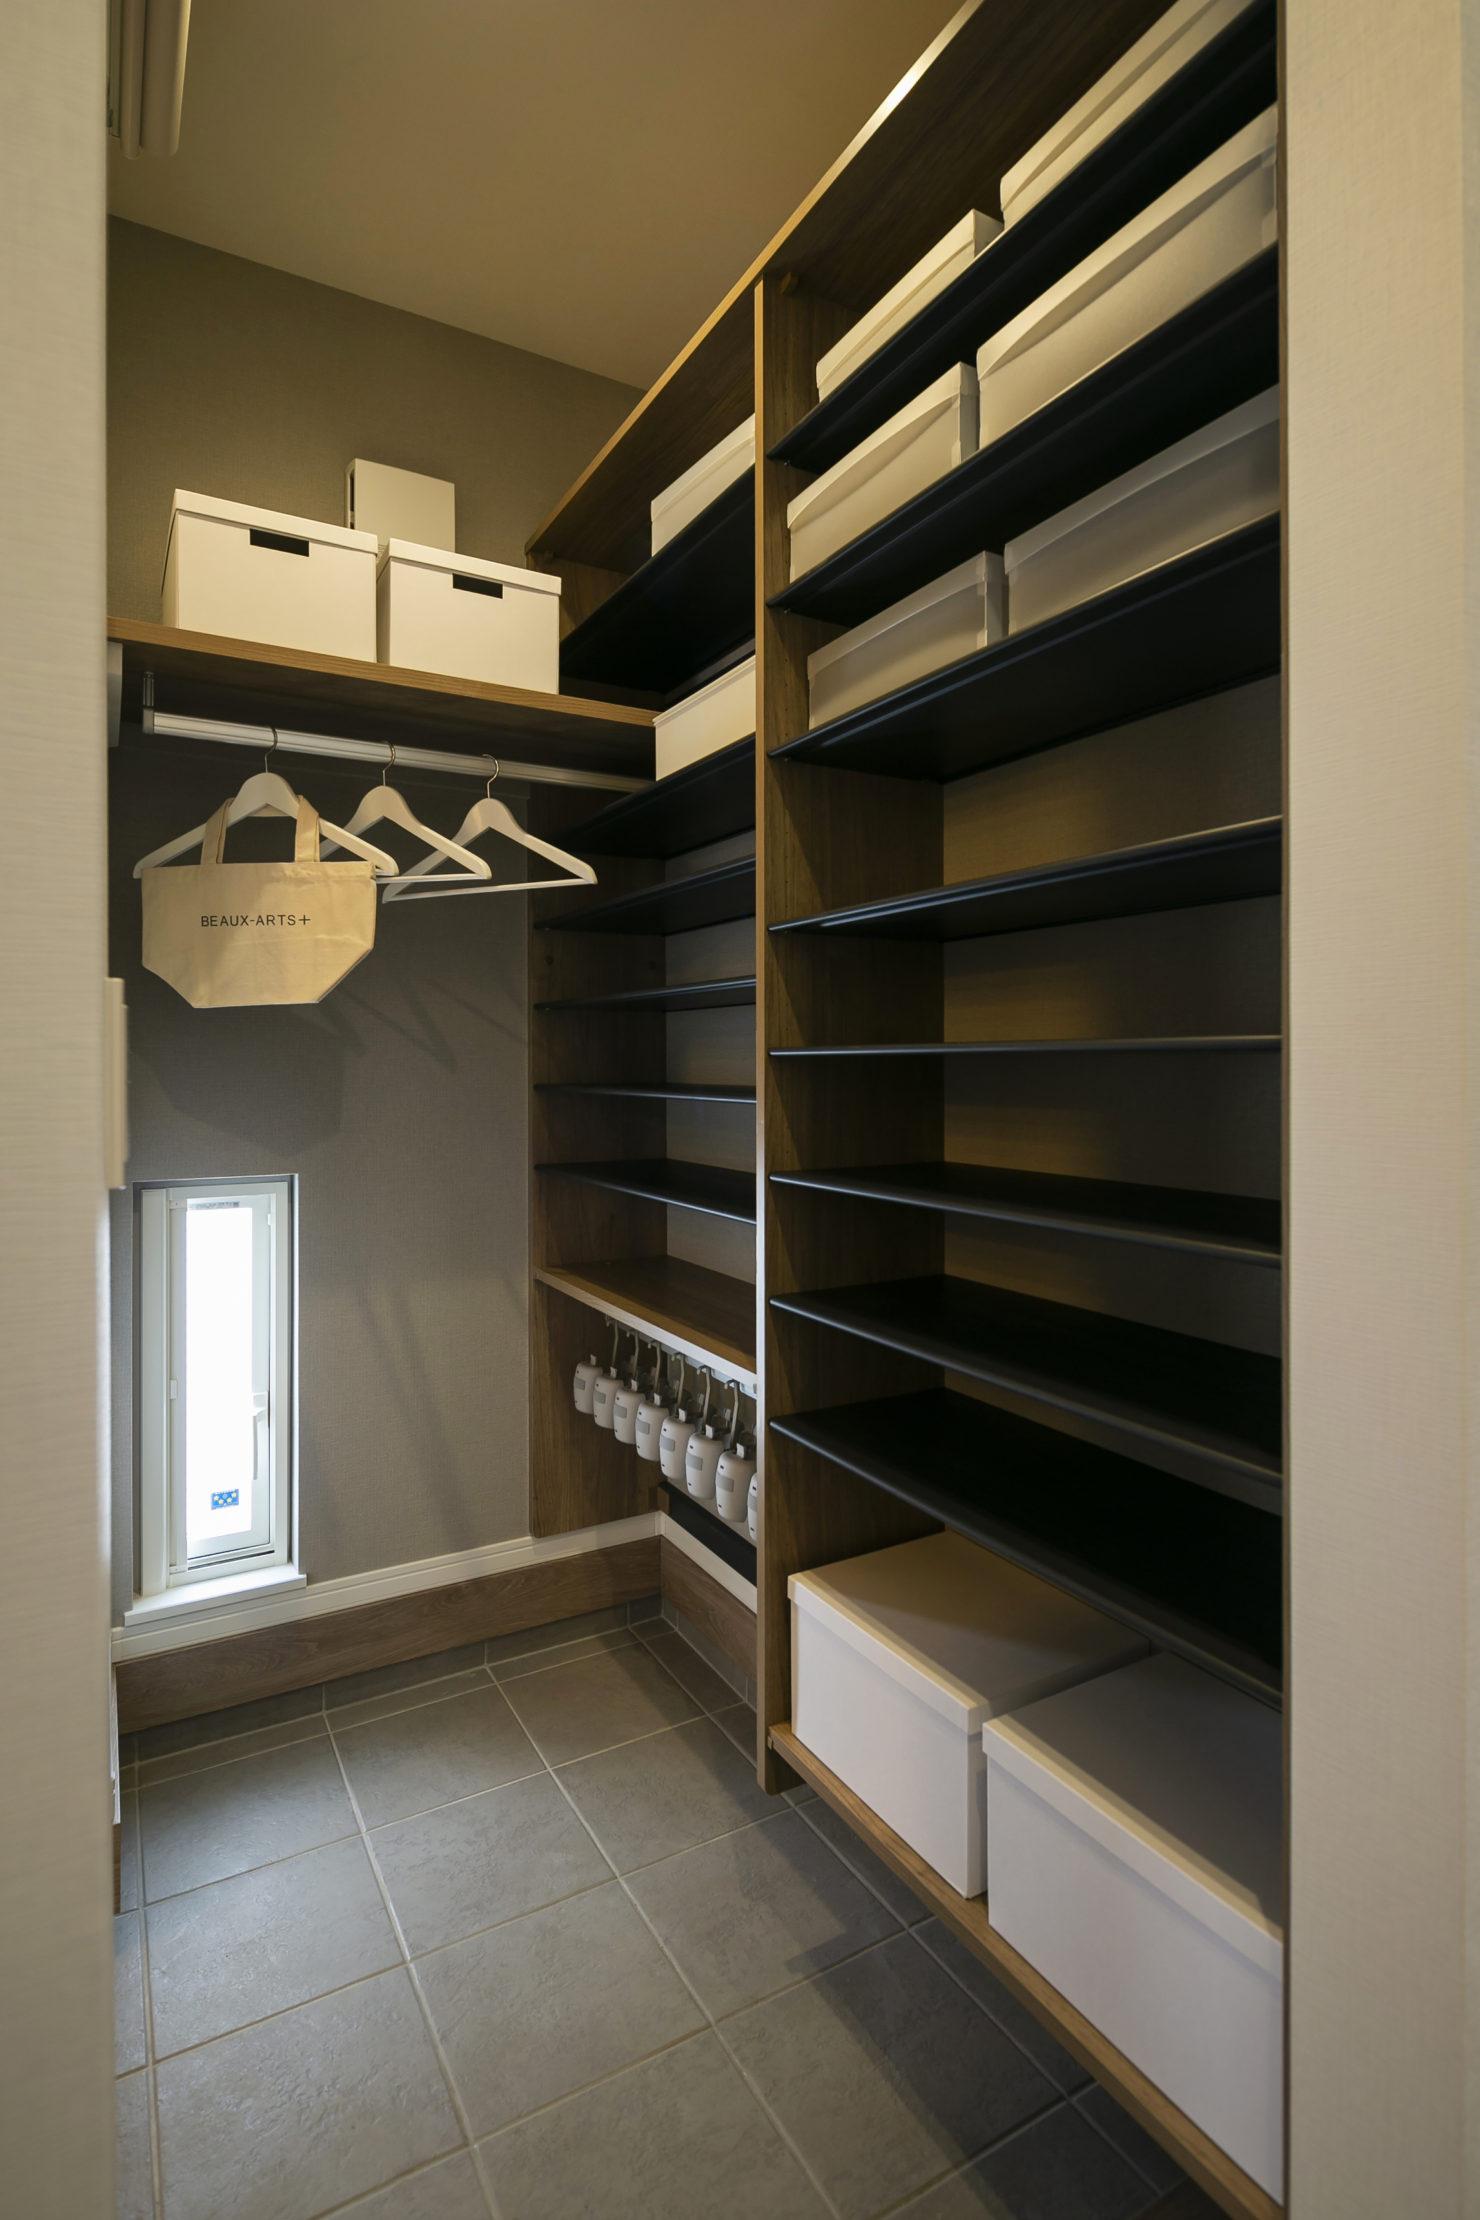 ハウスM21「各階で完結する収納計画が時間のゆとりをもたらす」玄関収納写真